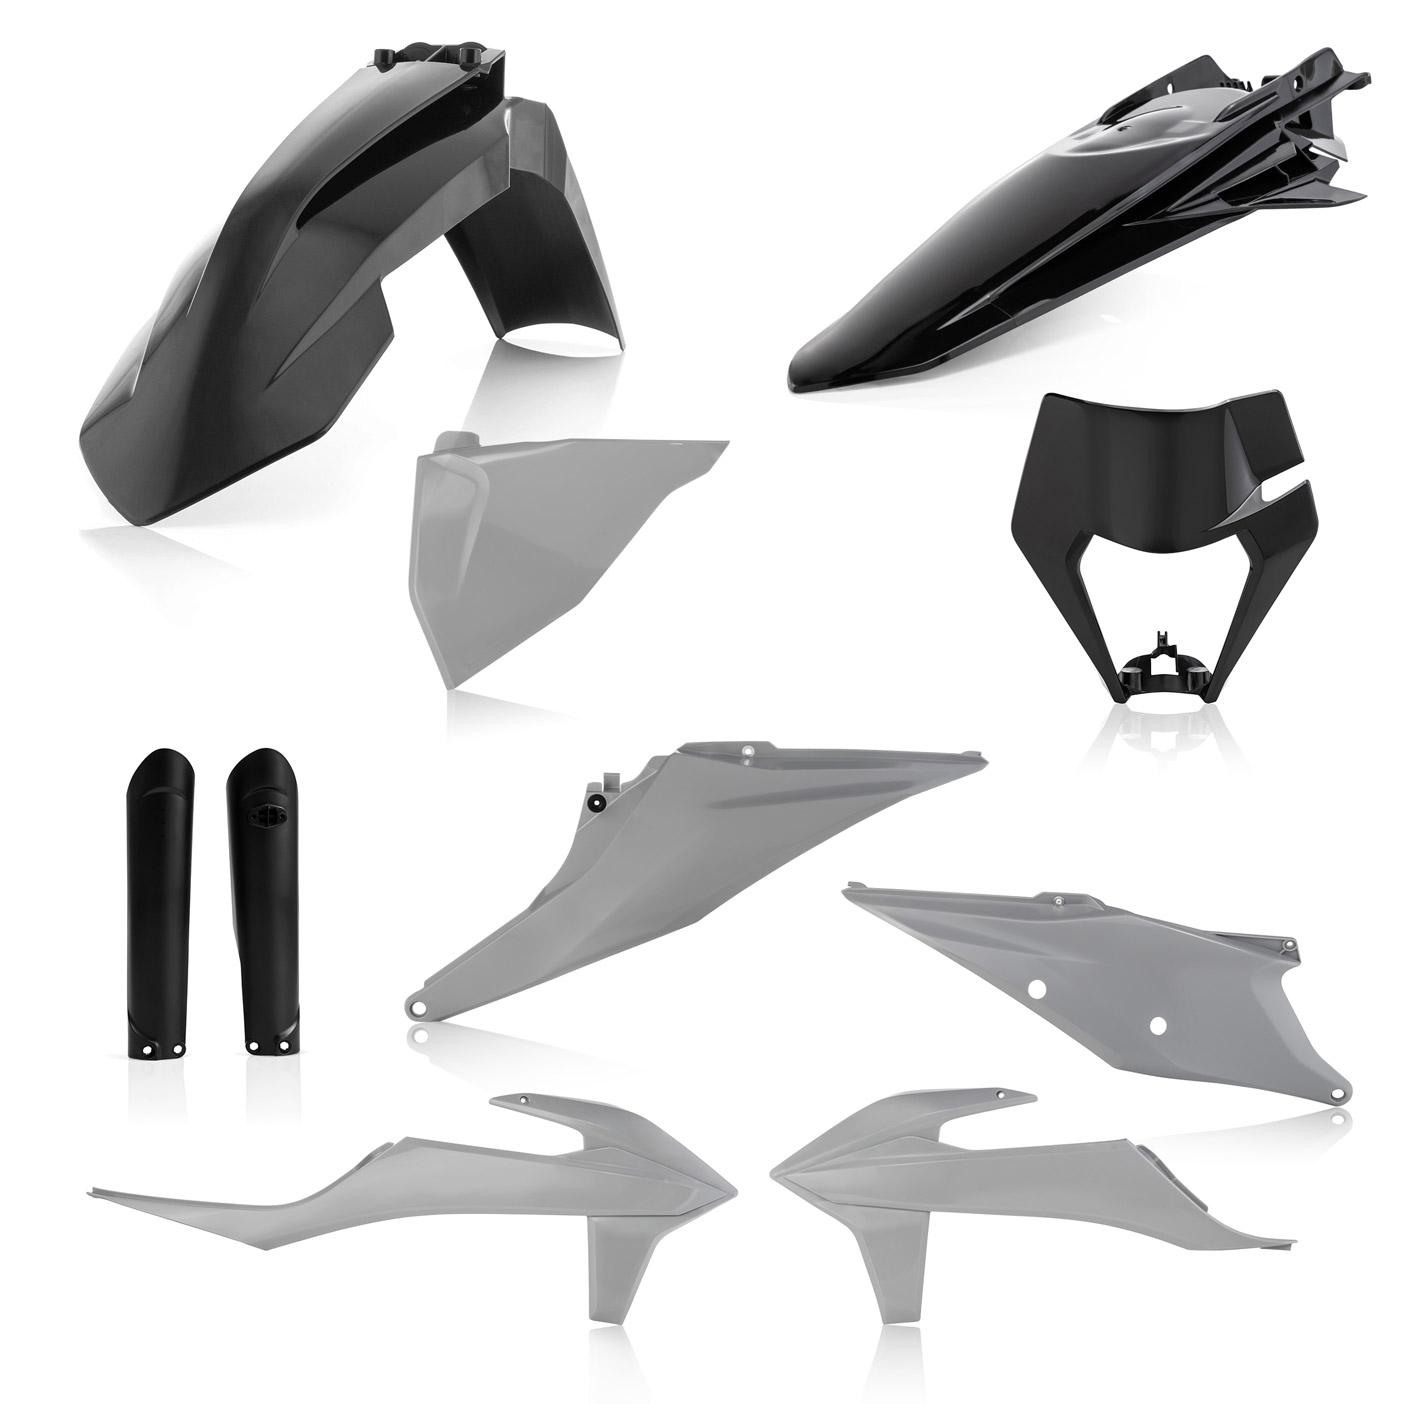 Plastikteile für deine KTM EXC und EXC-F in grau-schwarz, bestehend aus Frontkotflügel, Heckkotflügel, Tankspoiler, Gabelschoner, Nummerntafeln und Lampenmaske